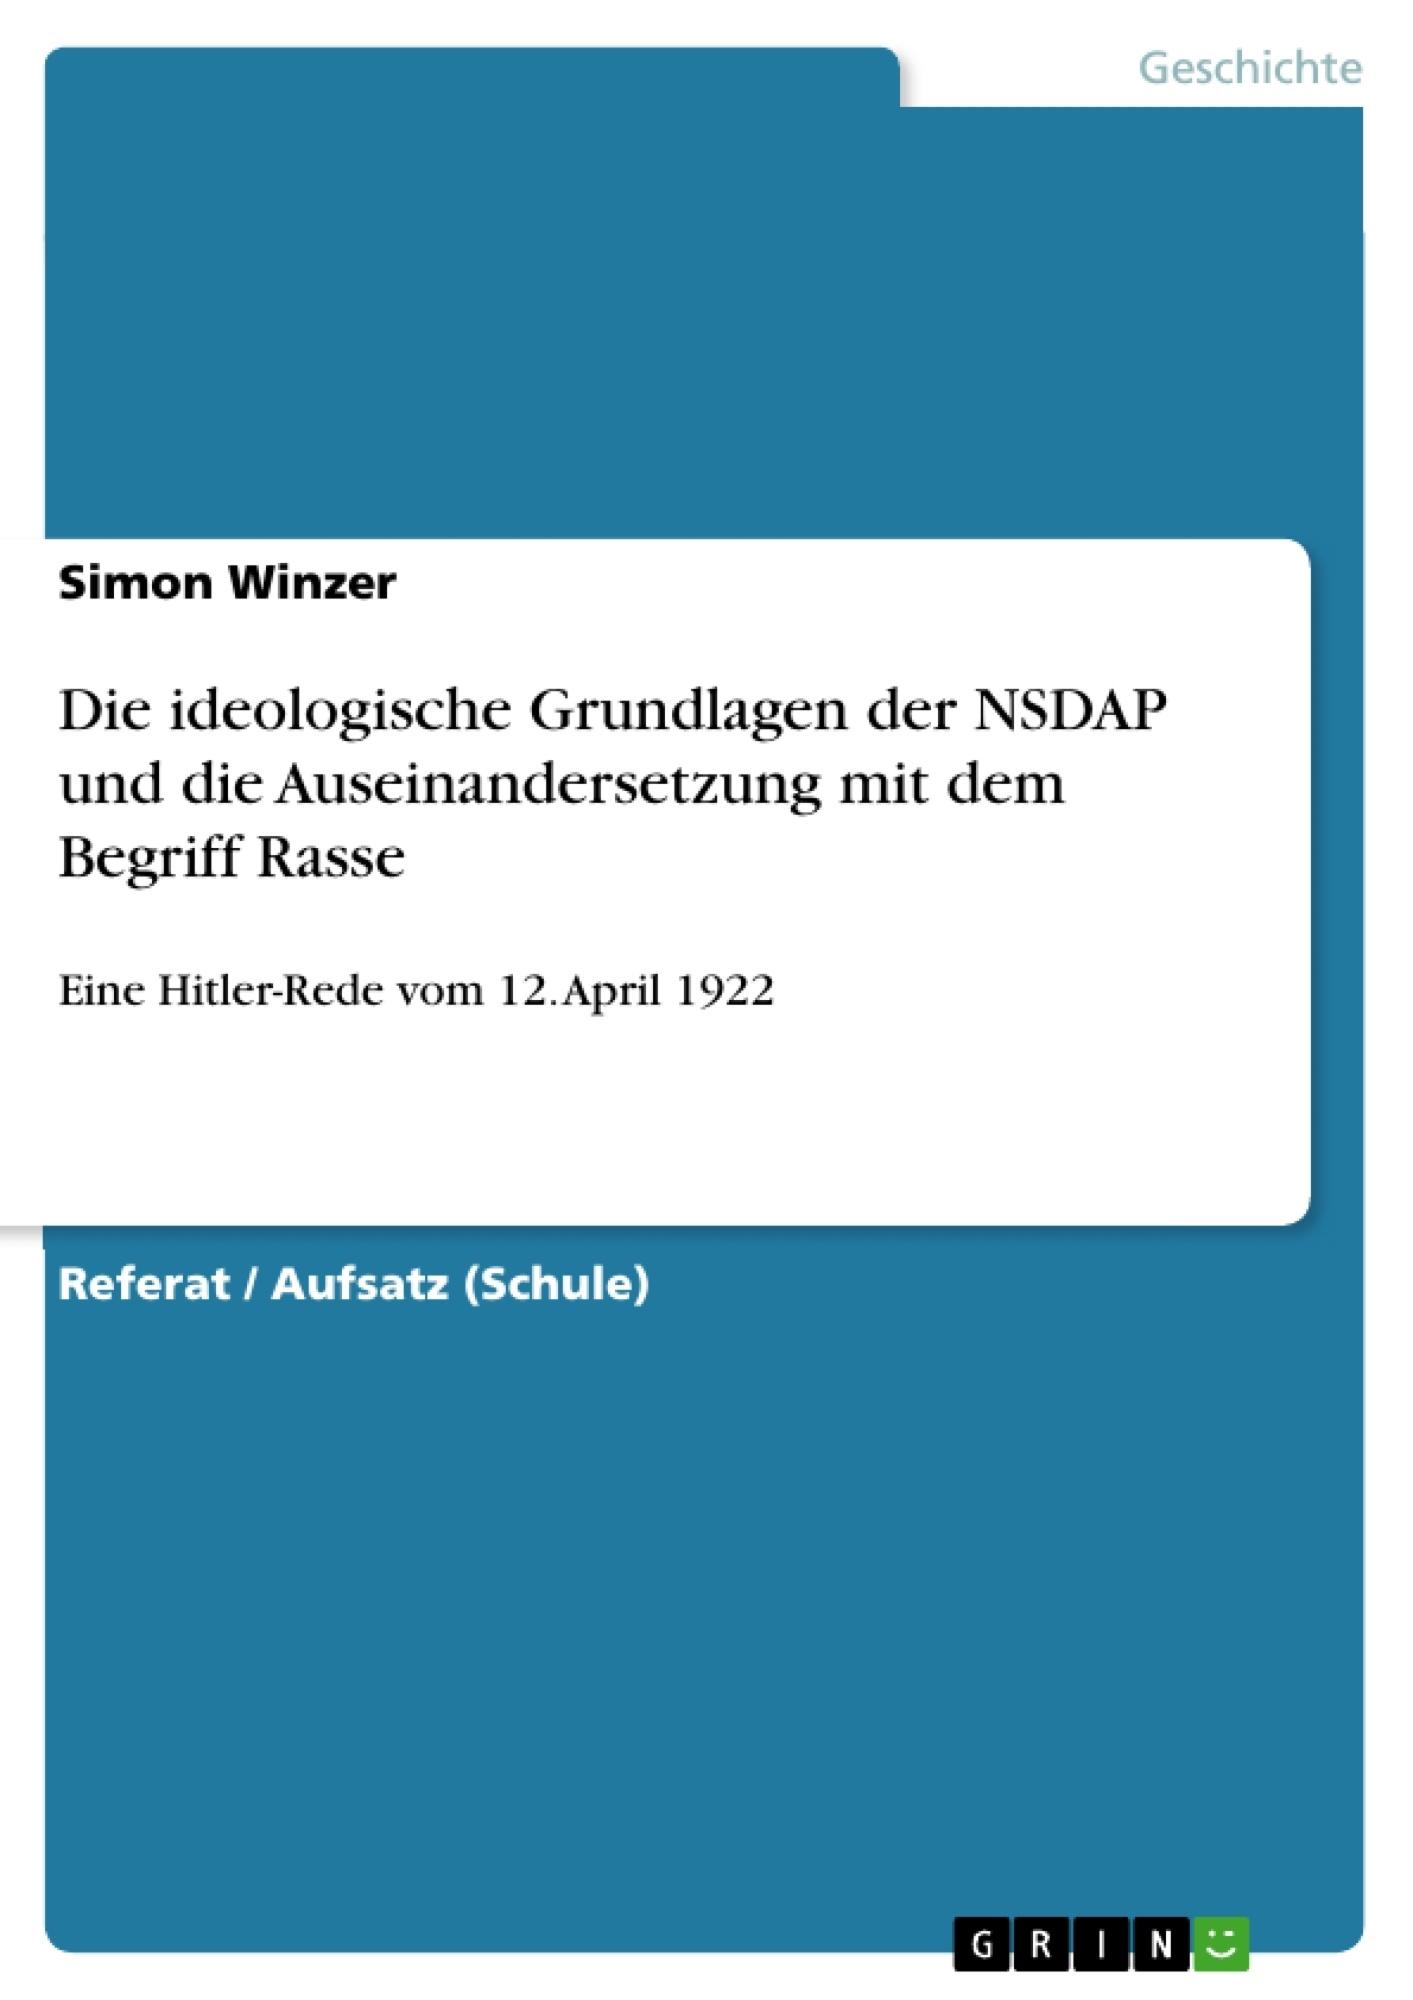 Titel: Die ideologische Grundlagen der NSDAP und die Auseinandersetzung mit dem Begriff Rasse